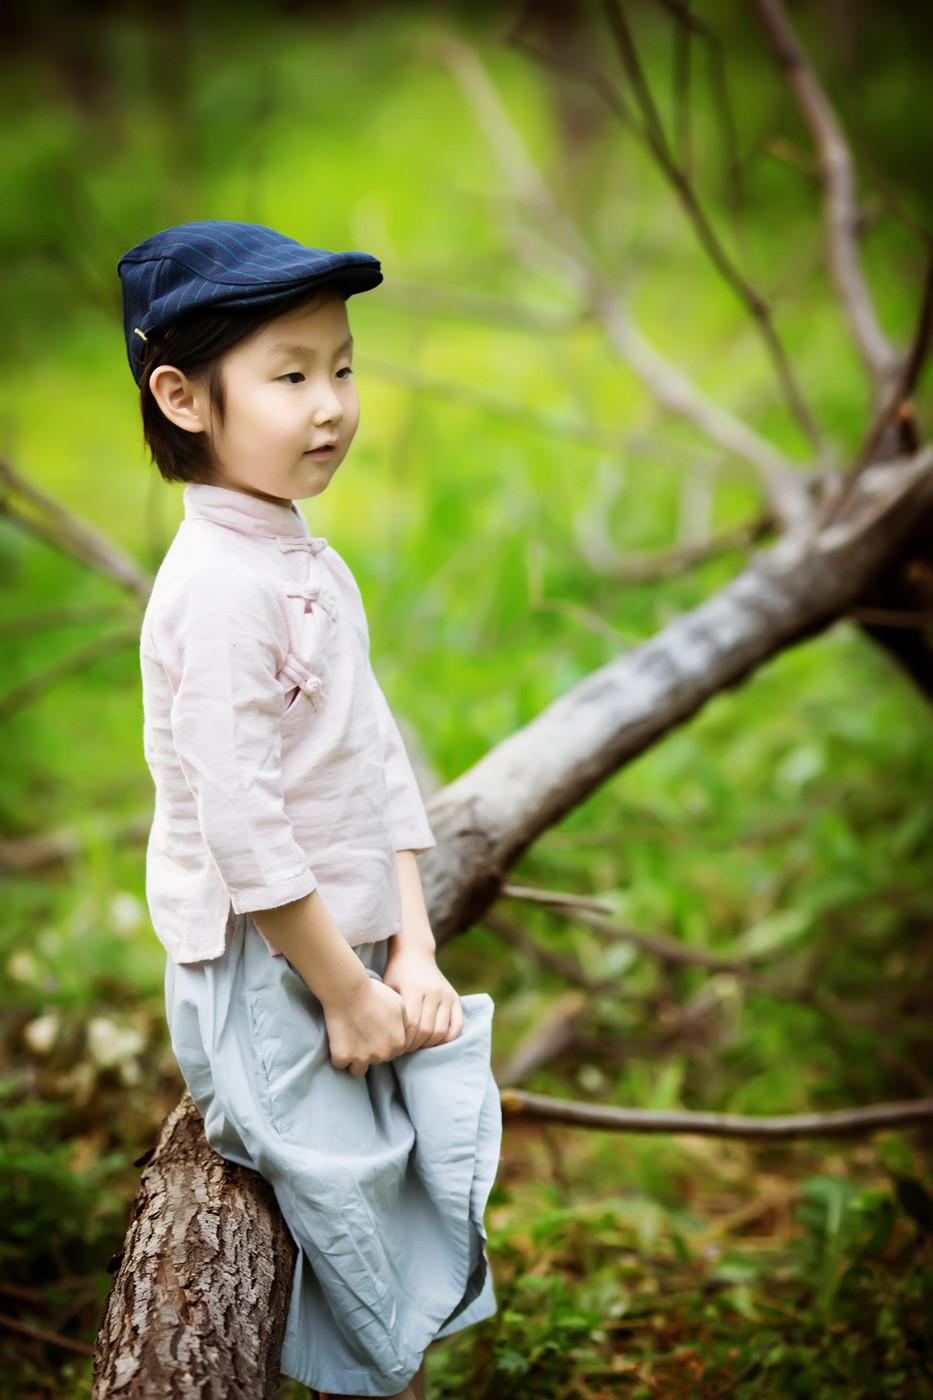 盛夏时节-带孩子们拍起来9